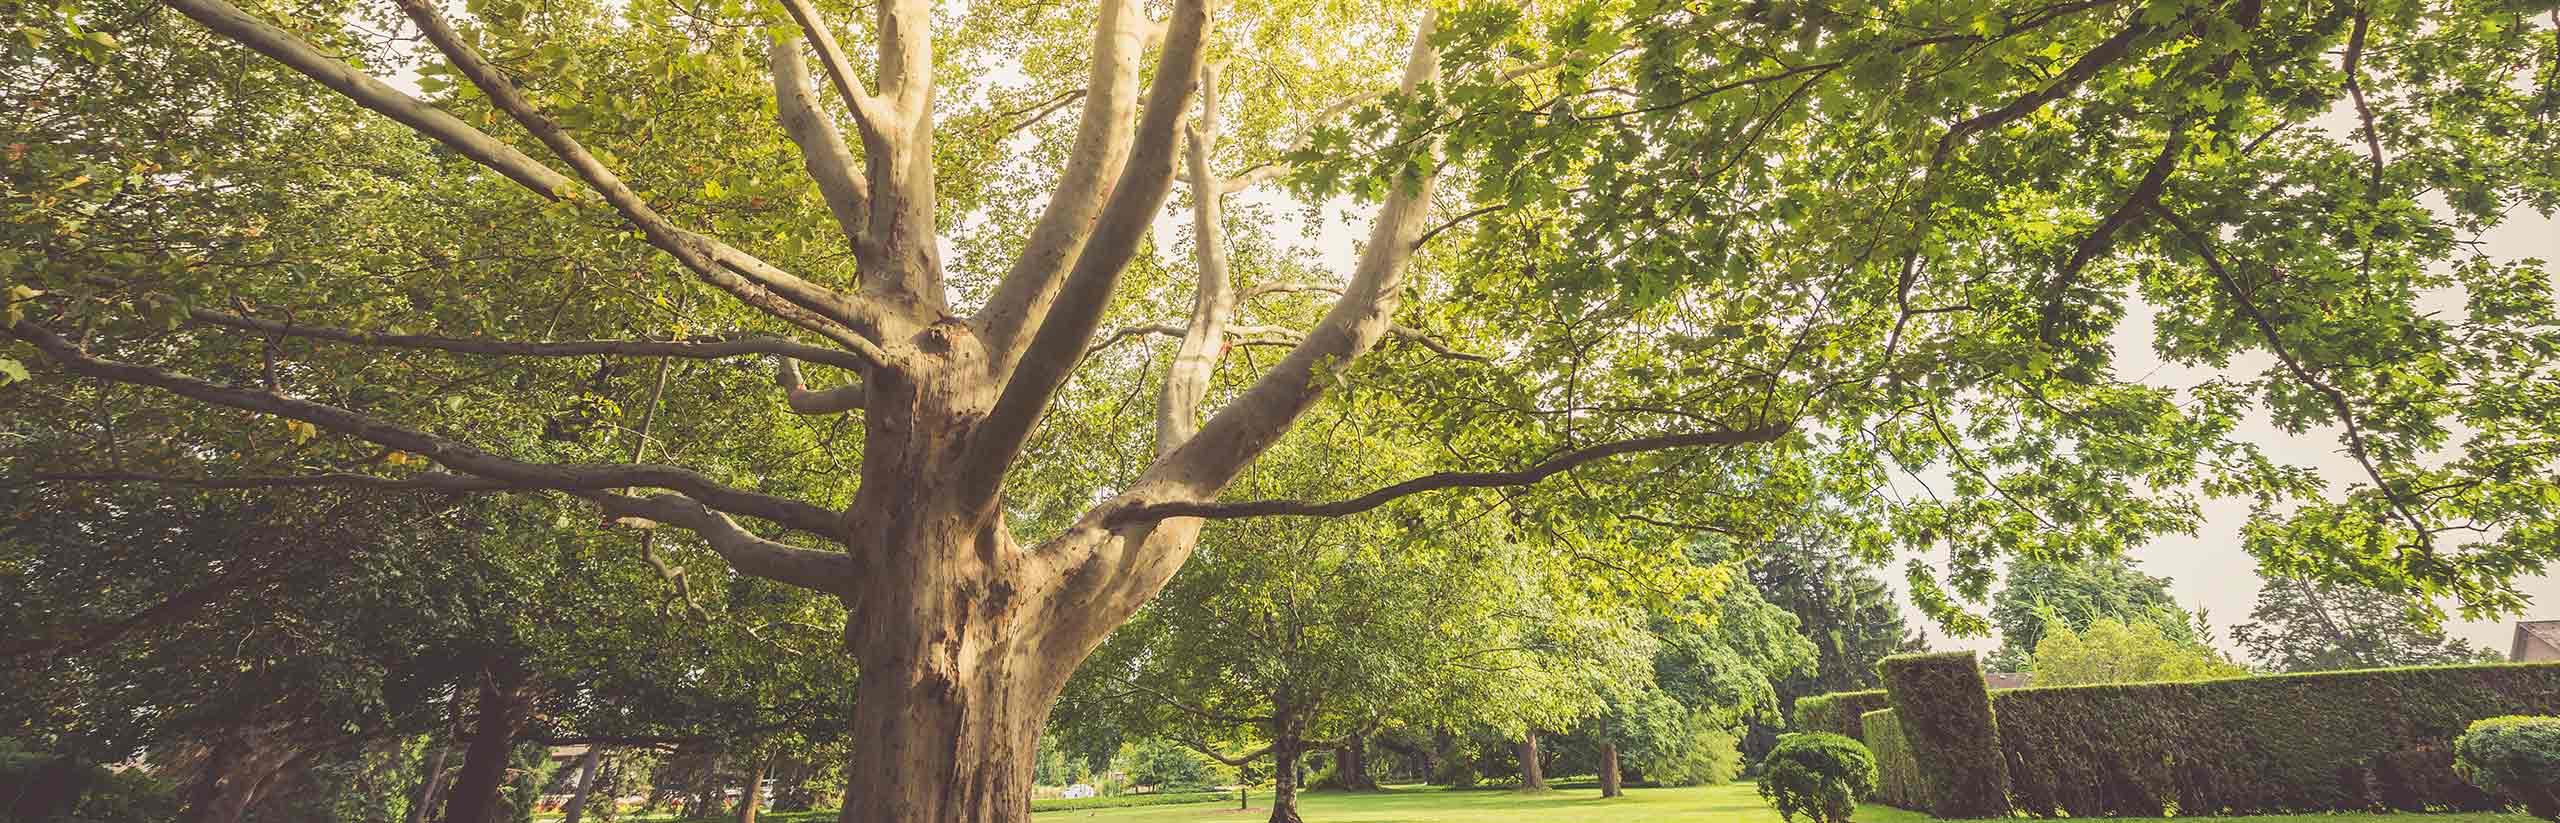 Niagara Parks Closes Remaining Outdoor Recreational Amenities